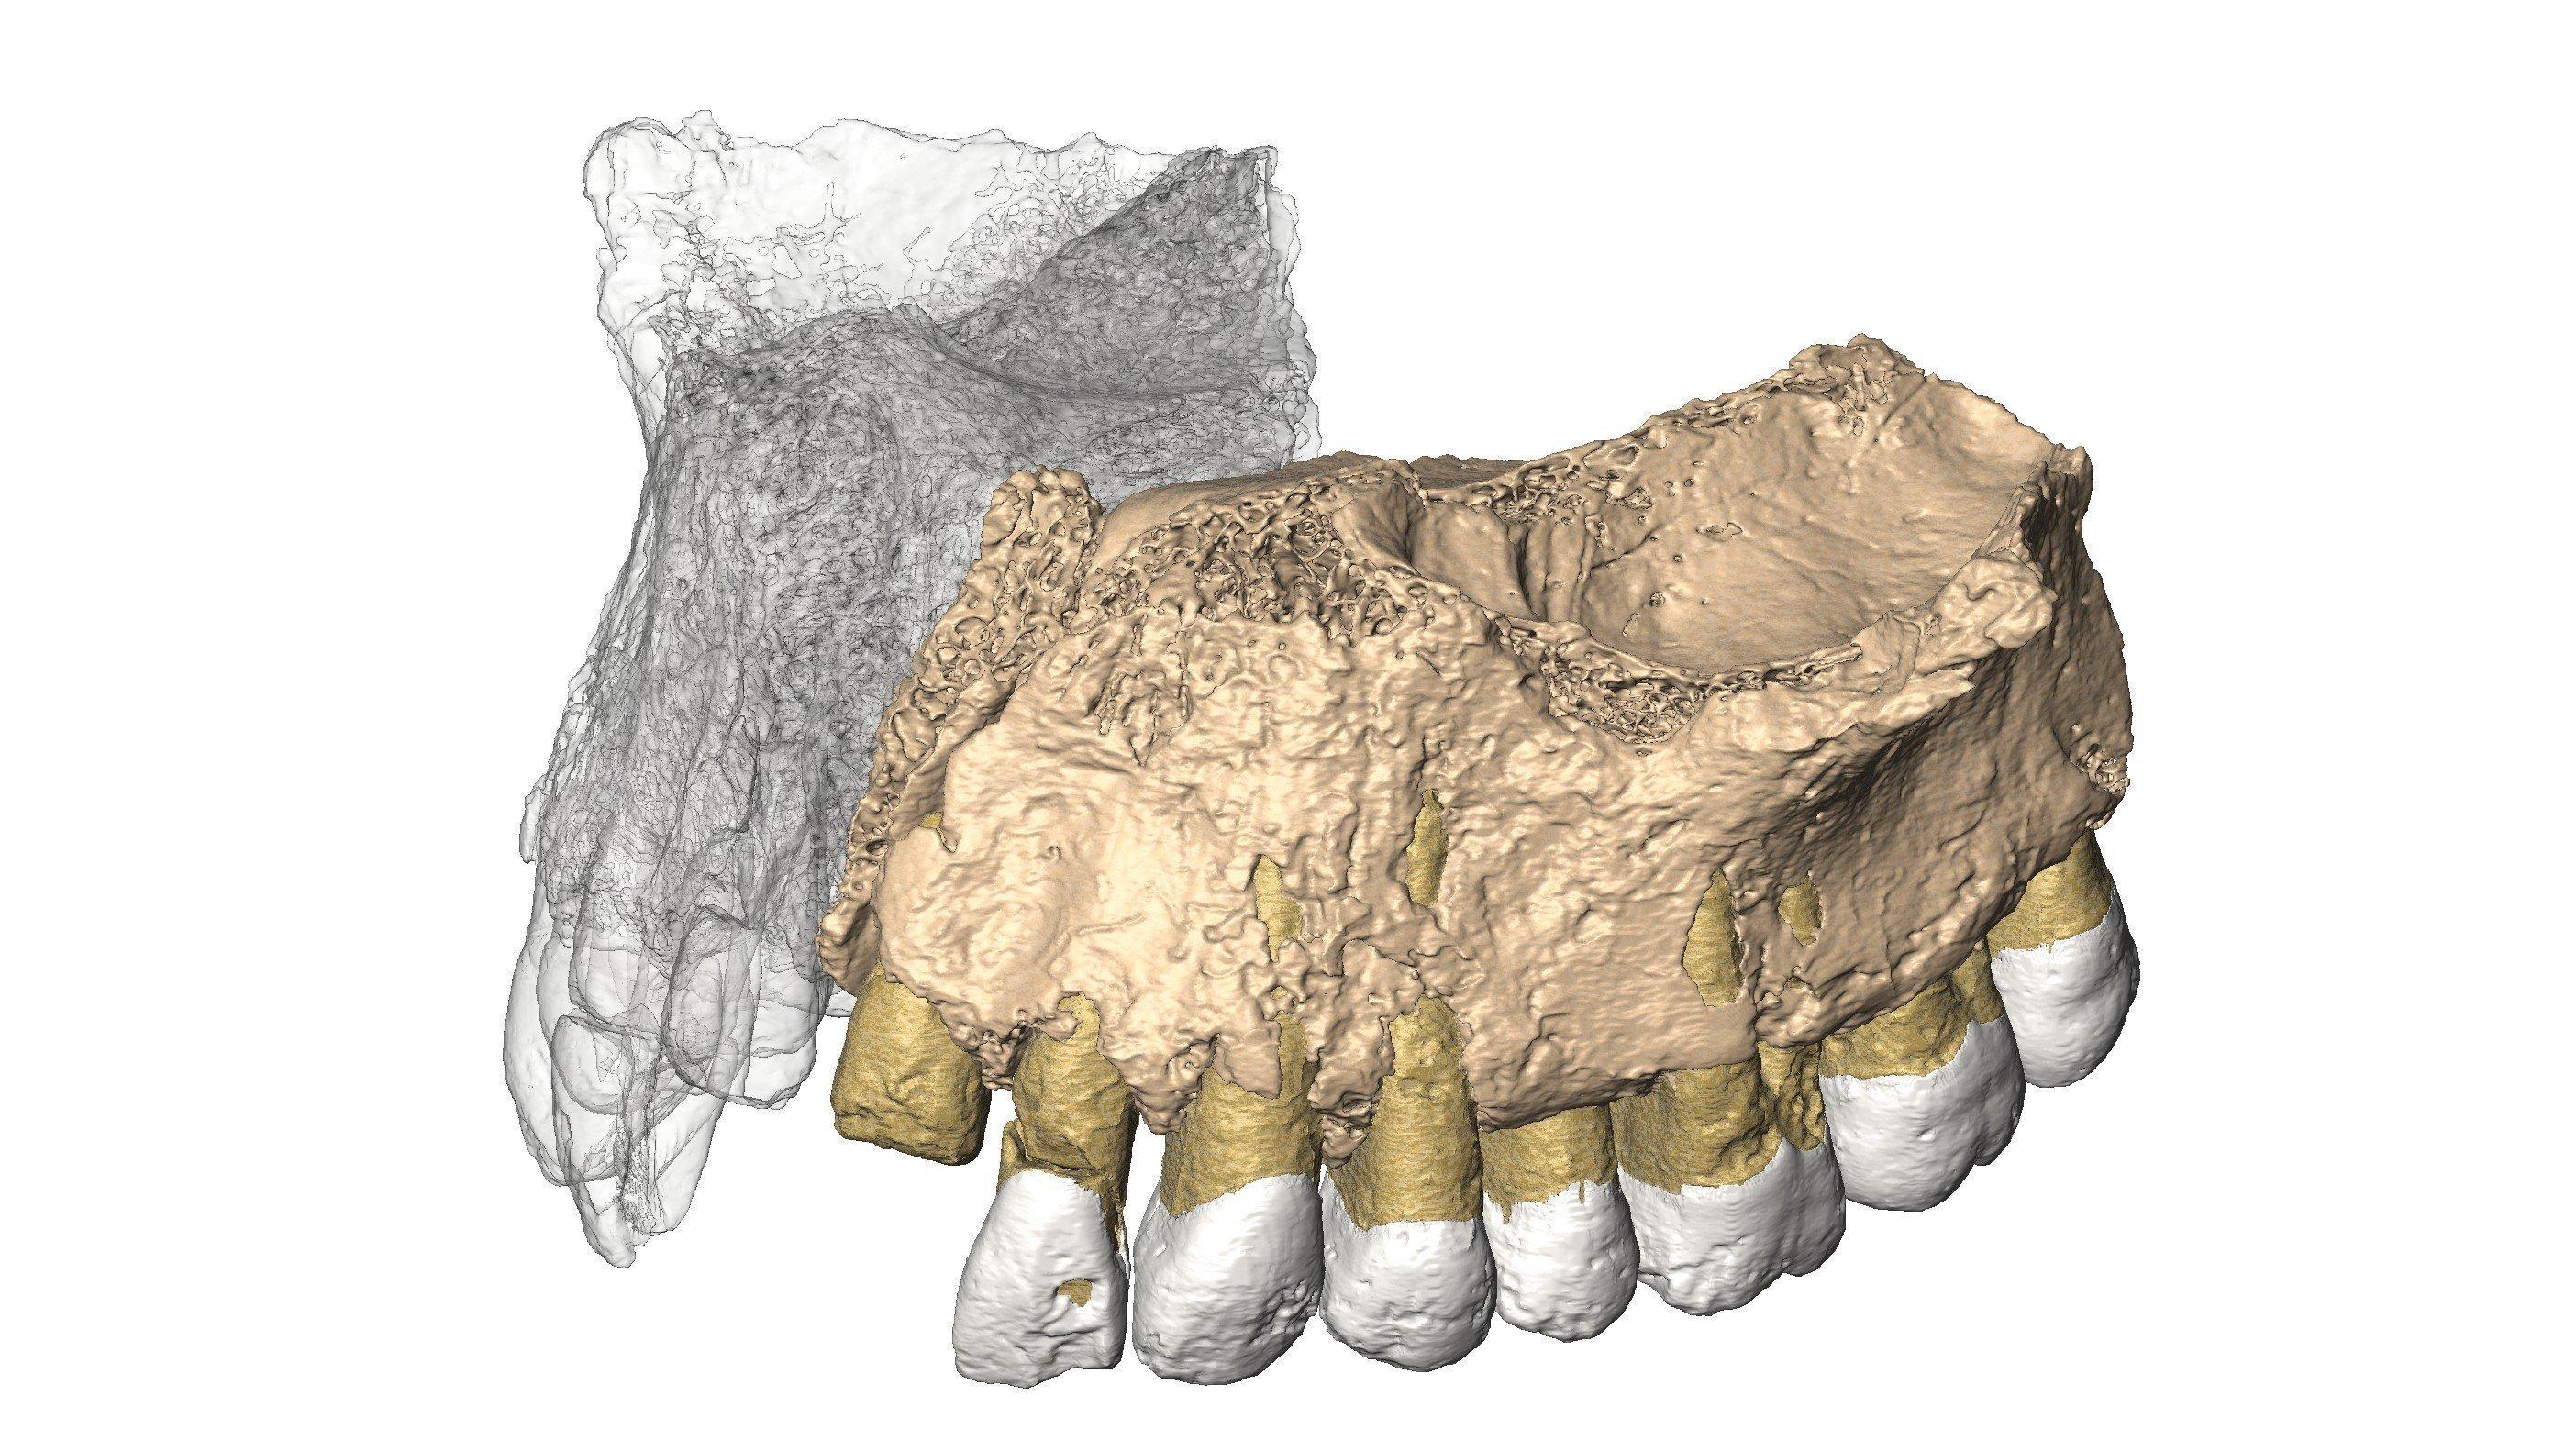 Das Bild zeigt die wie eine Zeichnung wirkende Rekonstruktion eines rund 180.000Jahre alten Oberkiefers. Sie wurde anhand von Aufnahmen im Micro-Computertomographen gewonnen. Der Oberkiefer gehörte einst einem modernen Homo sapiens und wurde in der Misliya-Höhle in Israel entdeckt.